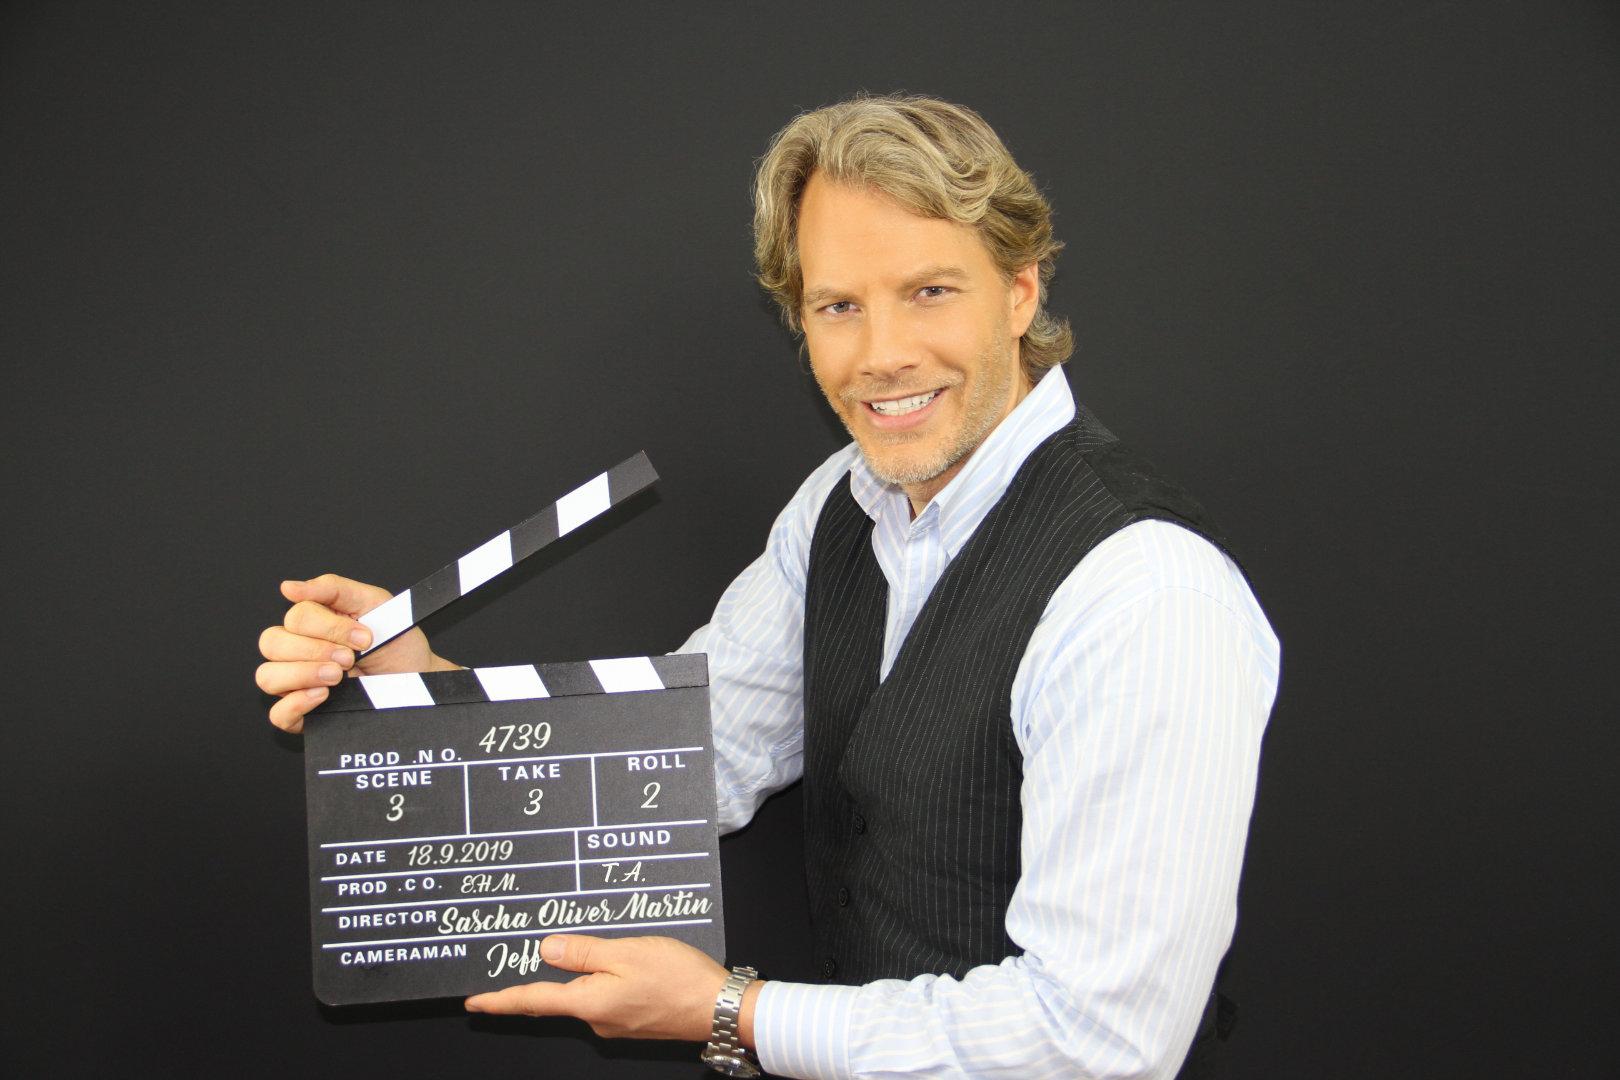 Sascha Oliver Martin - Gran Media